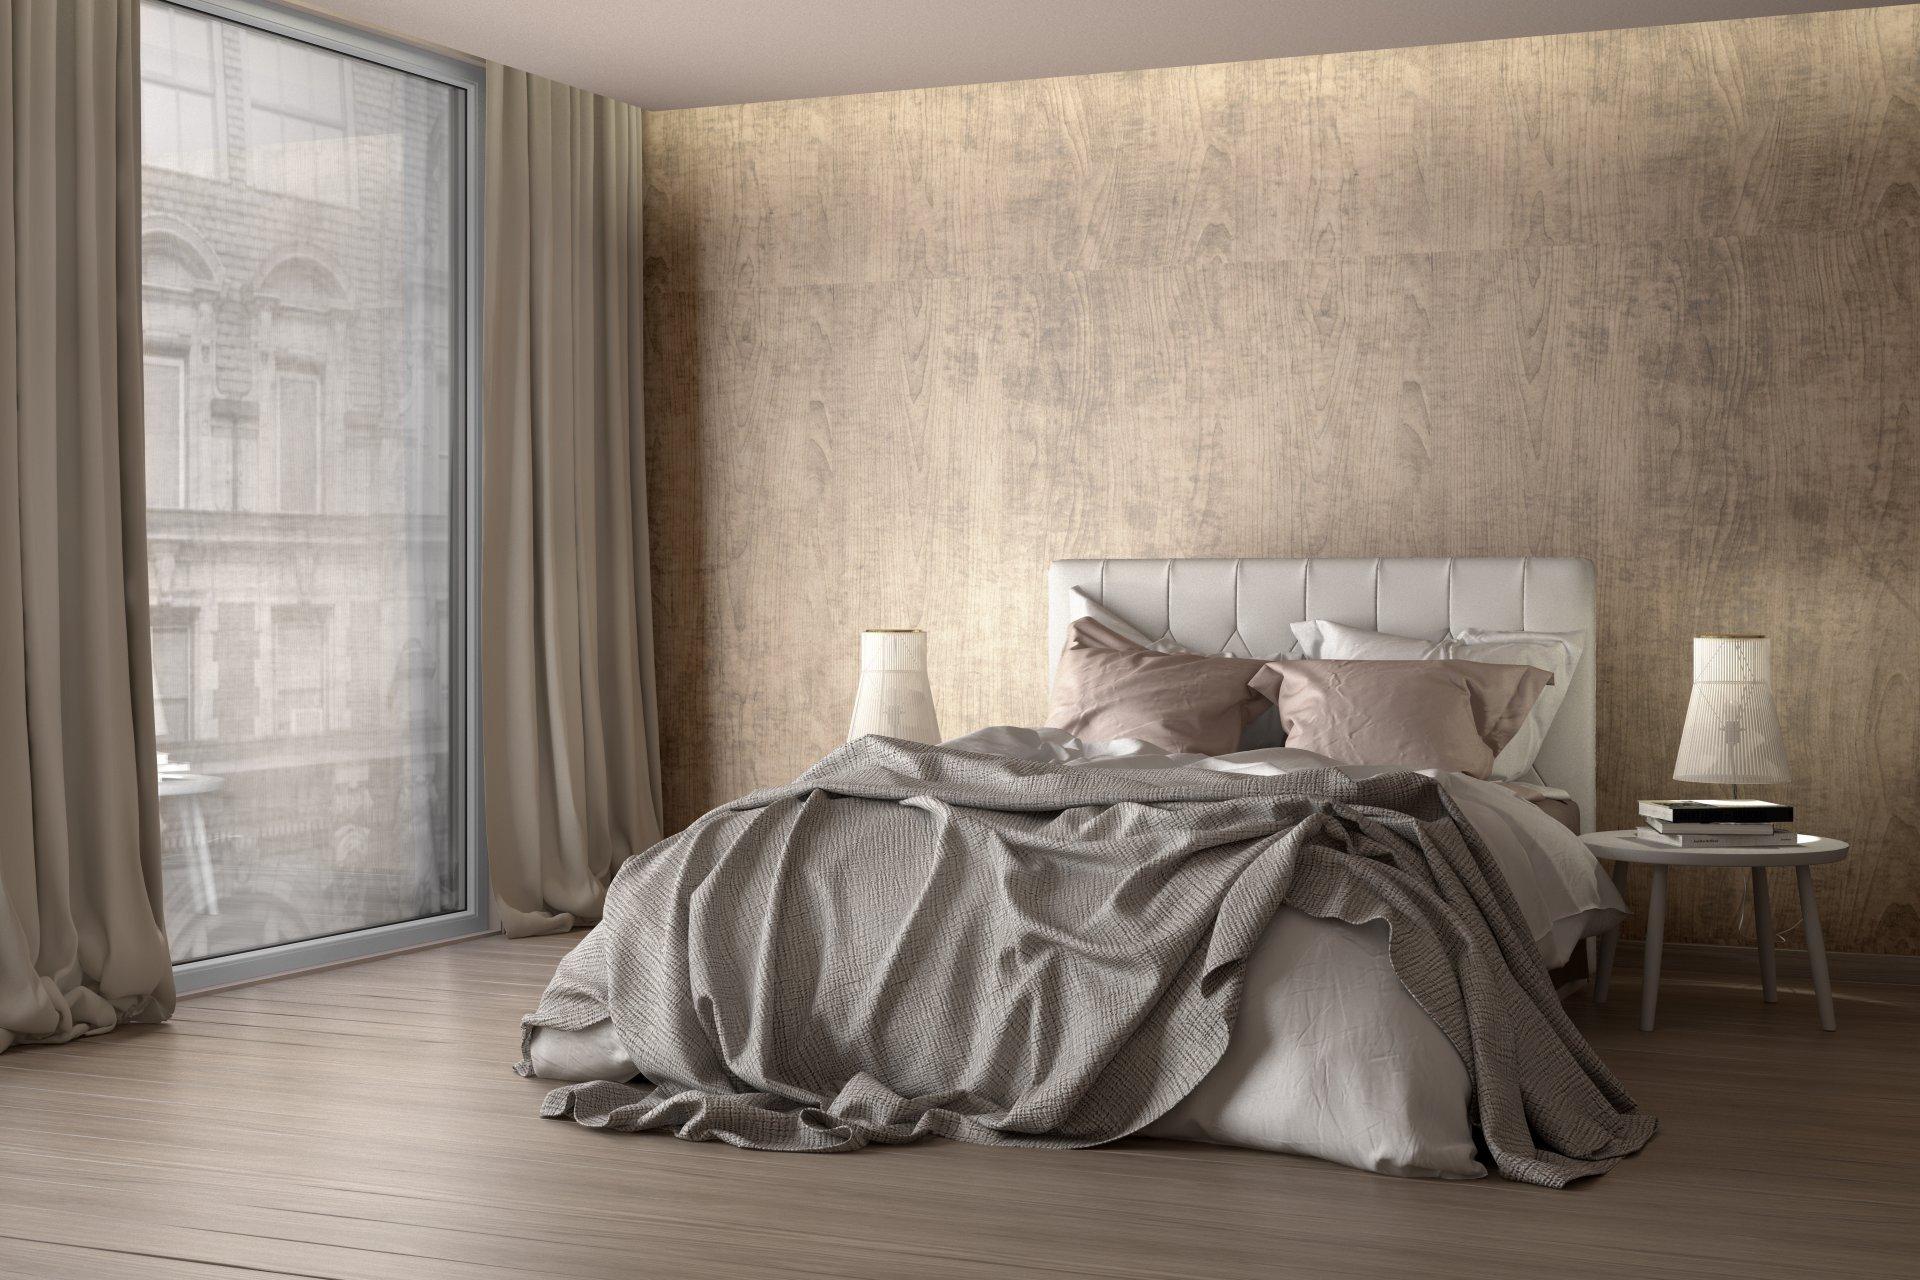 bett das zentrum im schlafzimmer blog. Black Bedroom Furniture Sets. Home Design Ideas